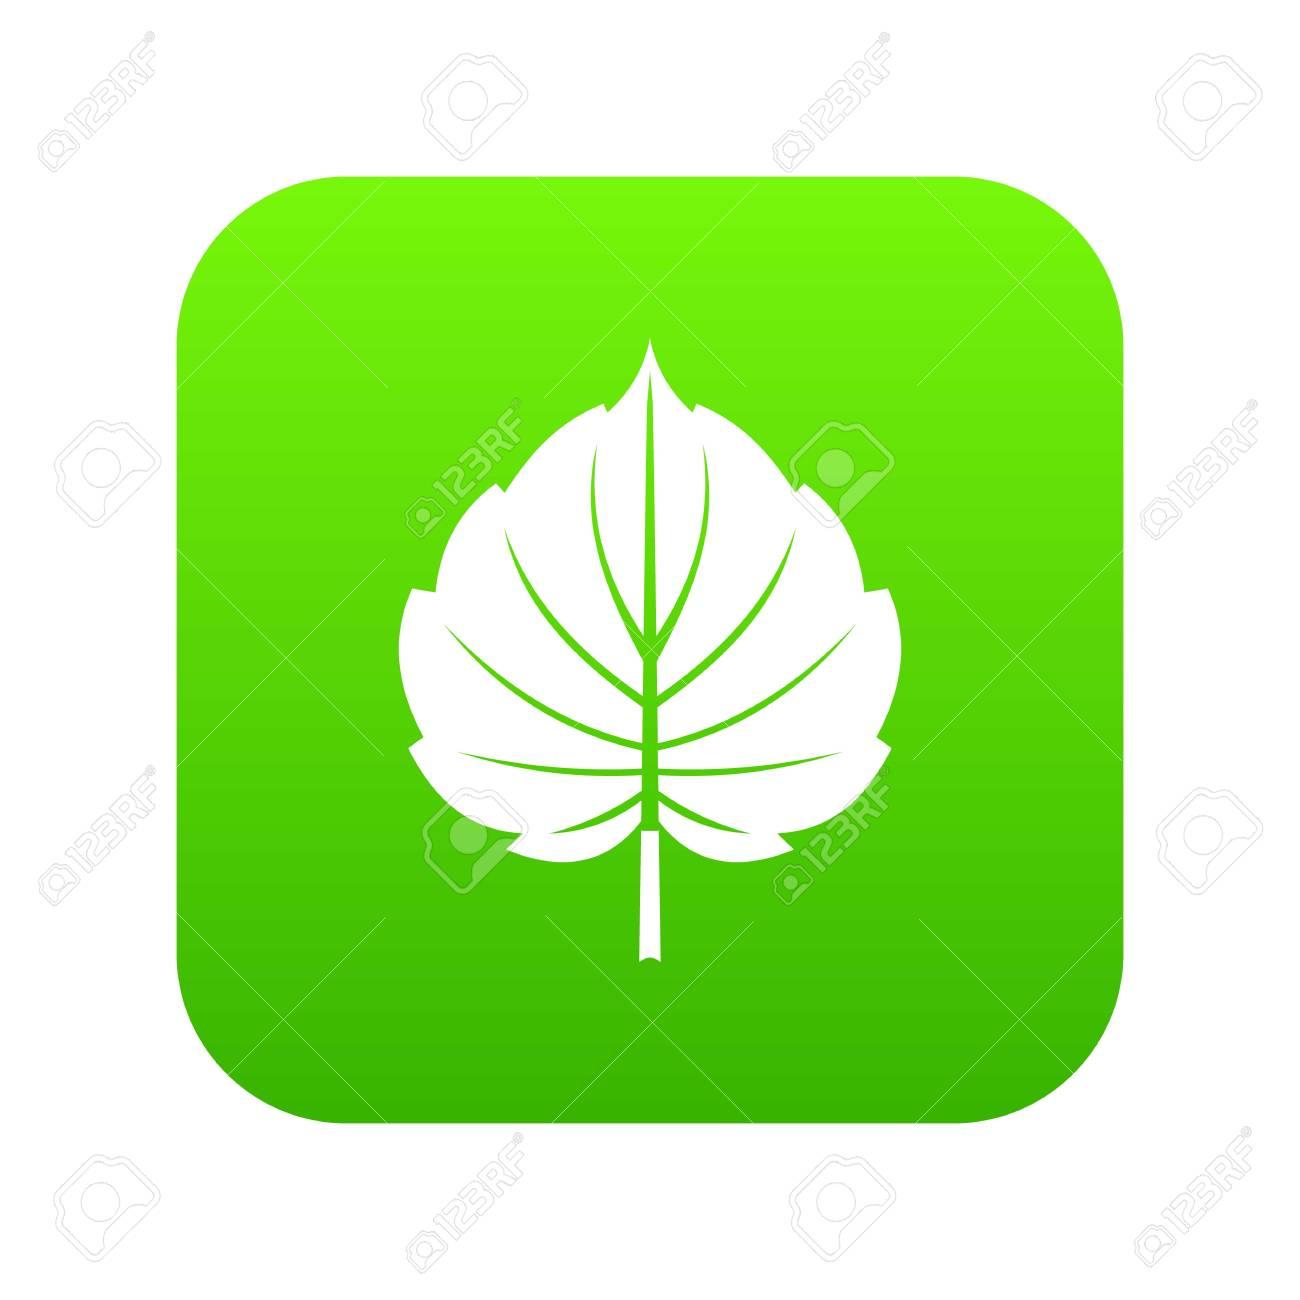 Alder leaf icon on digital green background - 99262201